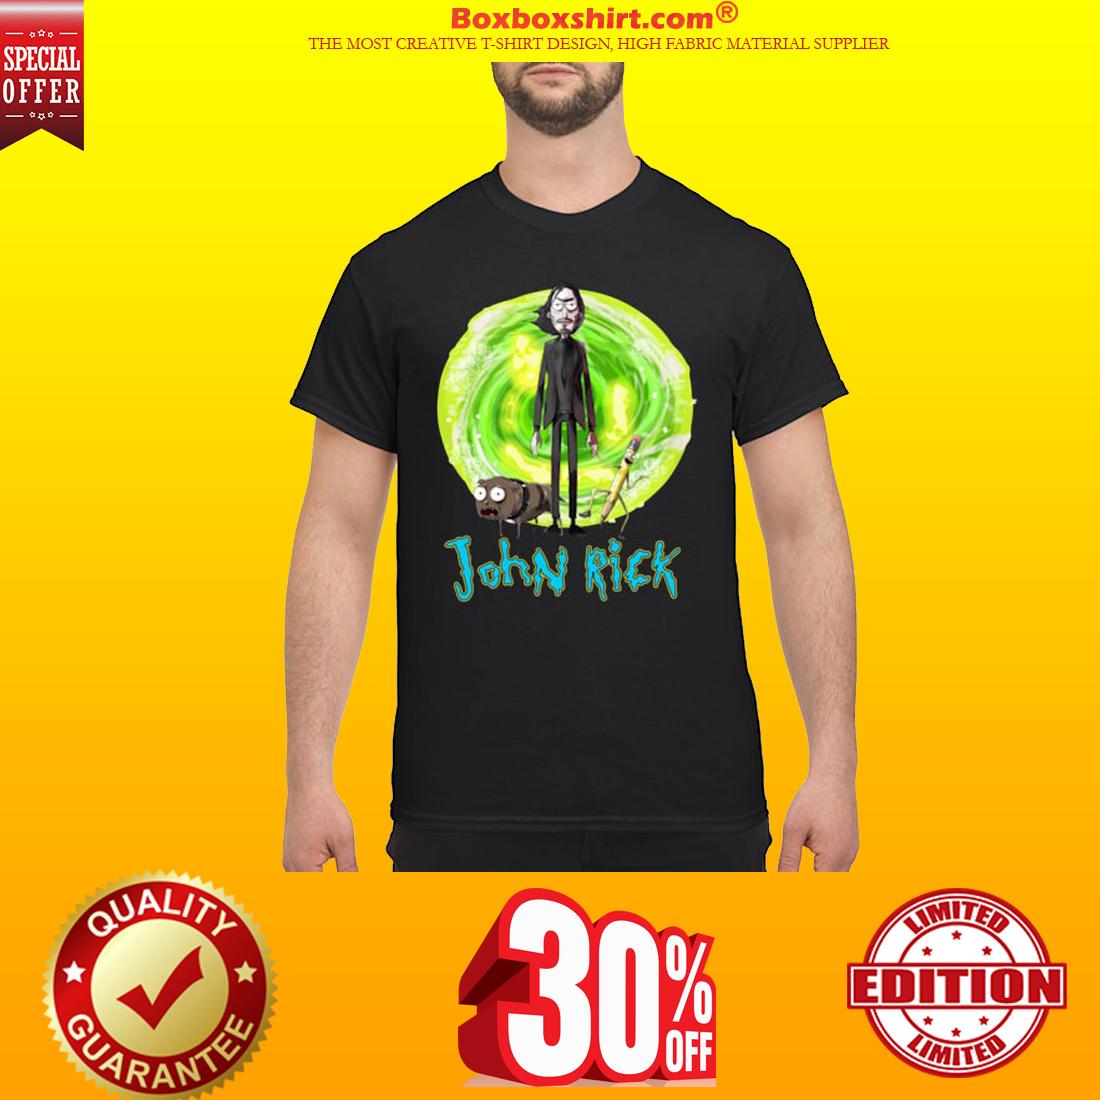 John Wick John Rick shirt